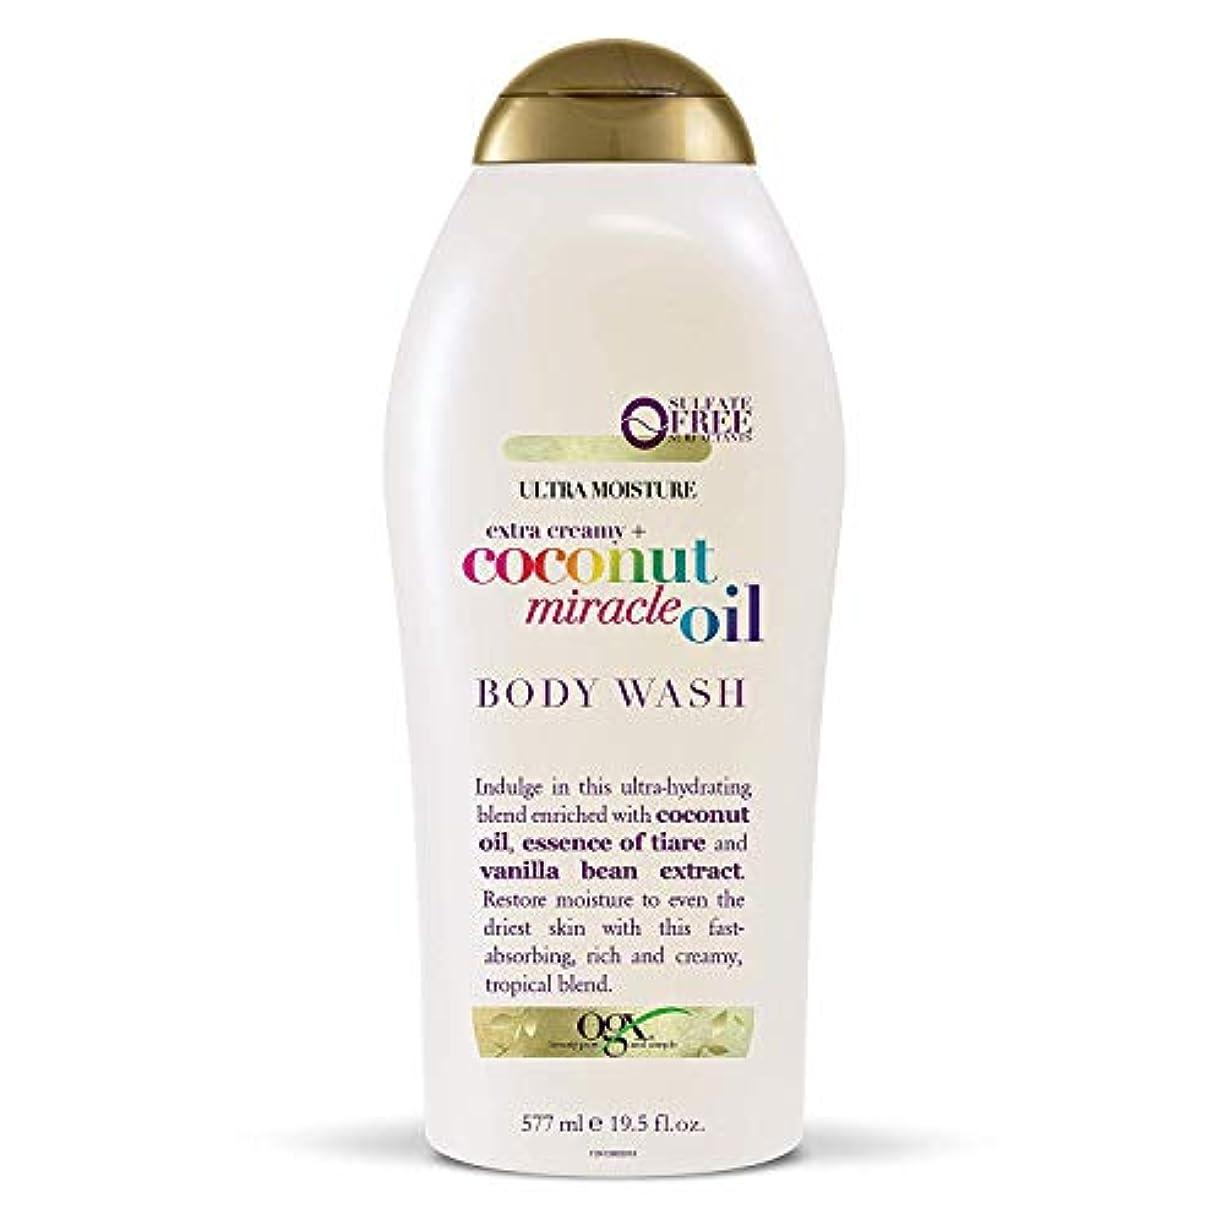 絶妙海上精通したOgx Body Wash Coconut Miracle Oil Extra Strength 19.5oz OGX ココナッツミラクルオイル エクストラストレングス ボディウォッシュ 577ml [並行輸入品]